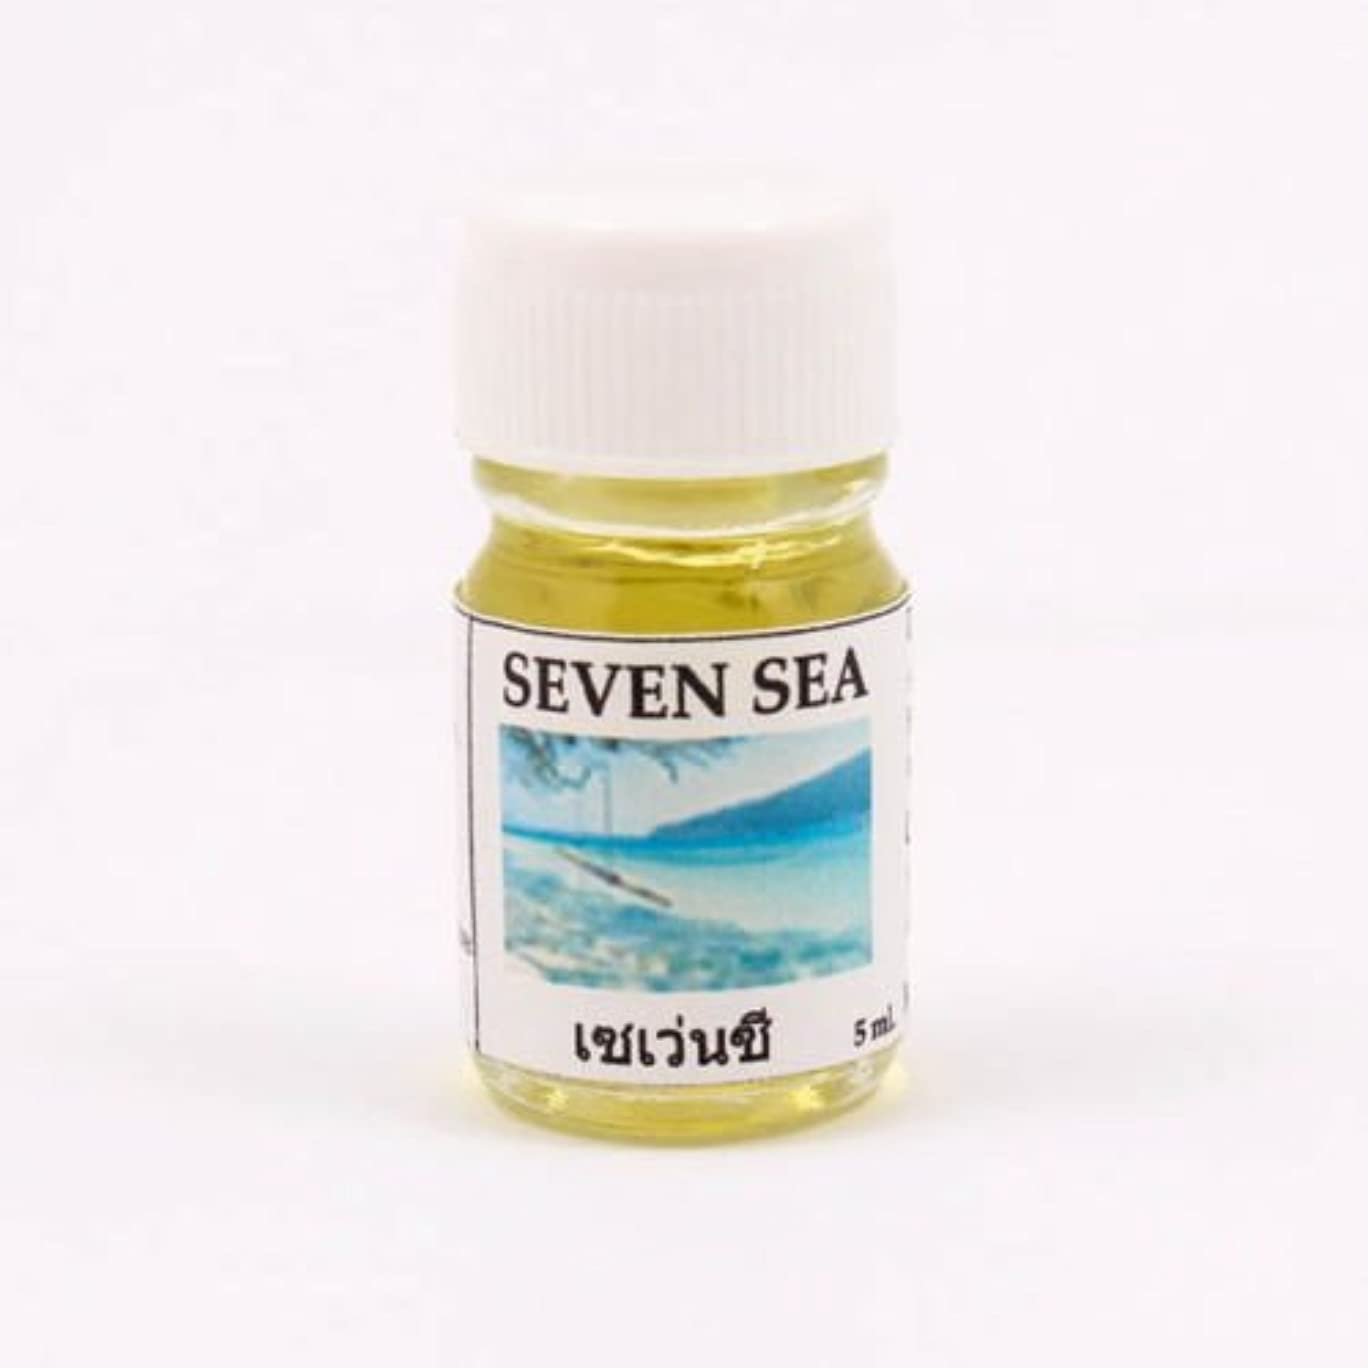 付添人非常に罹患率6X Seven Sea Aroma Fragrance Essential Oil 5ML. cc Diffuser Burner Therapy